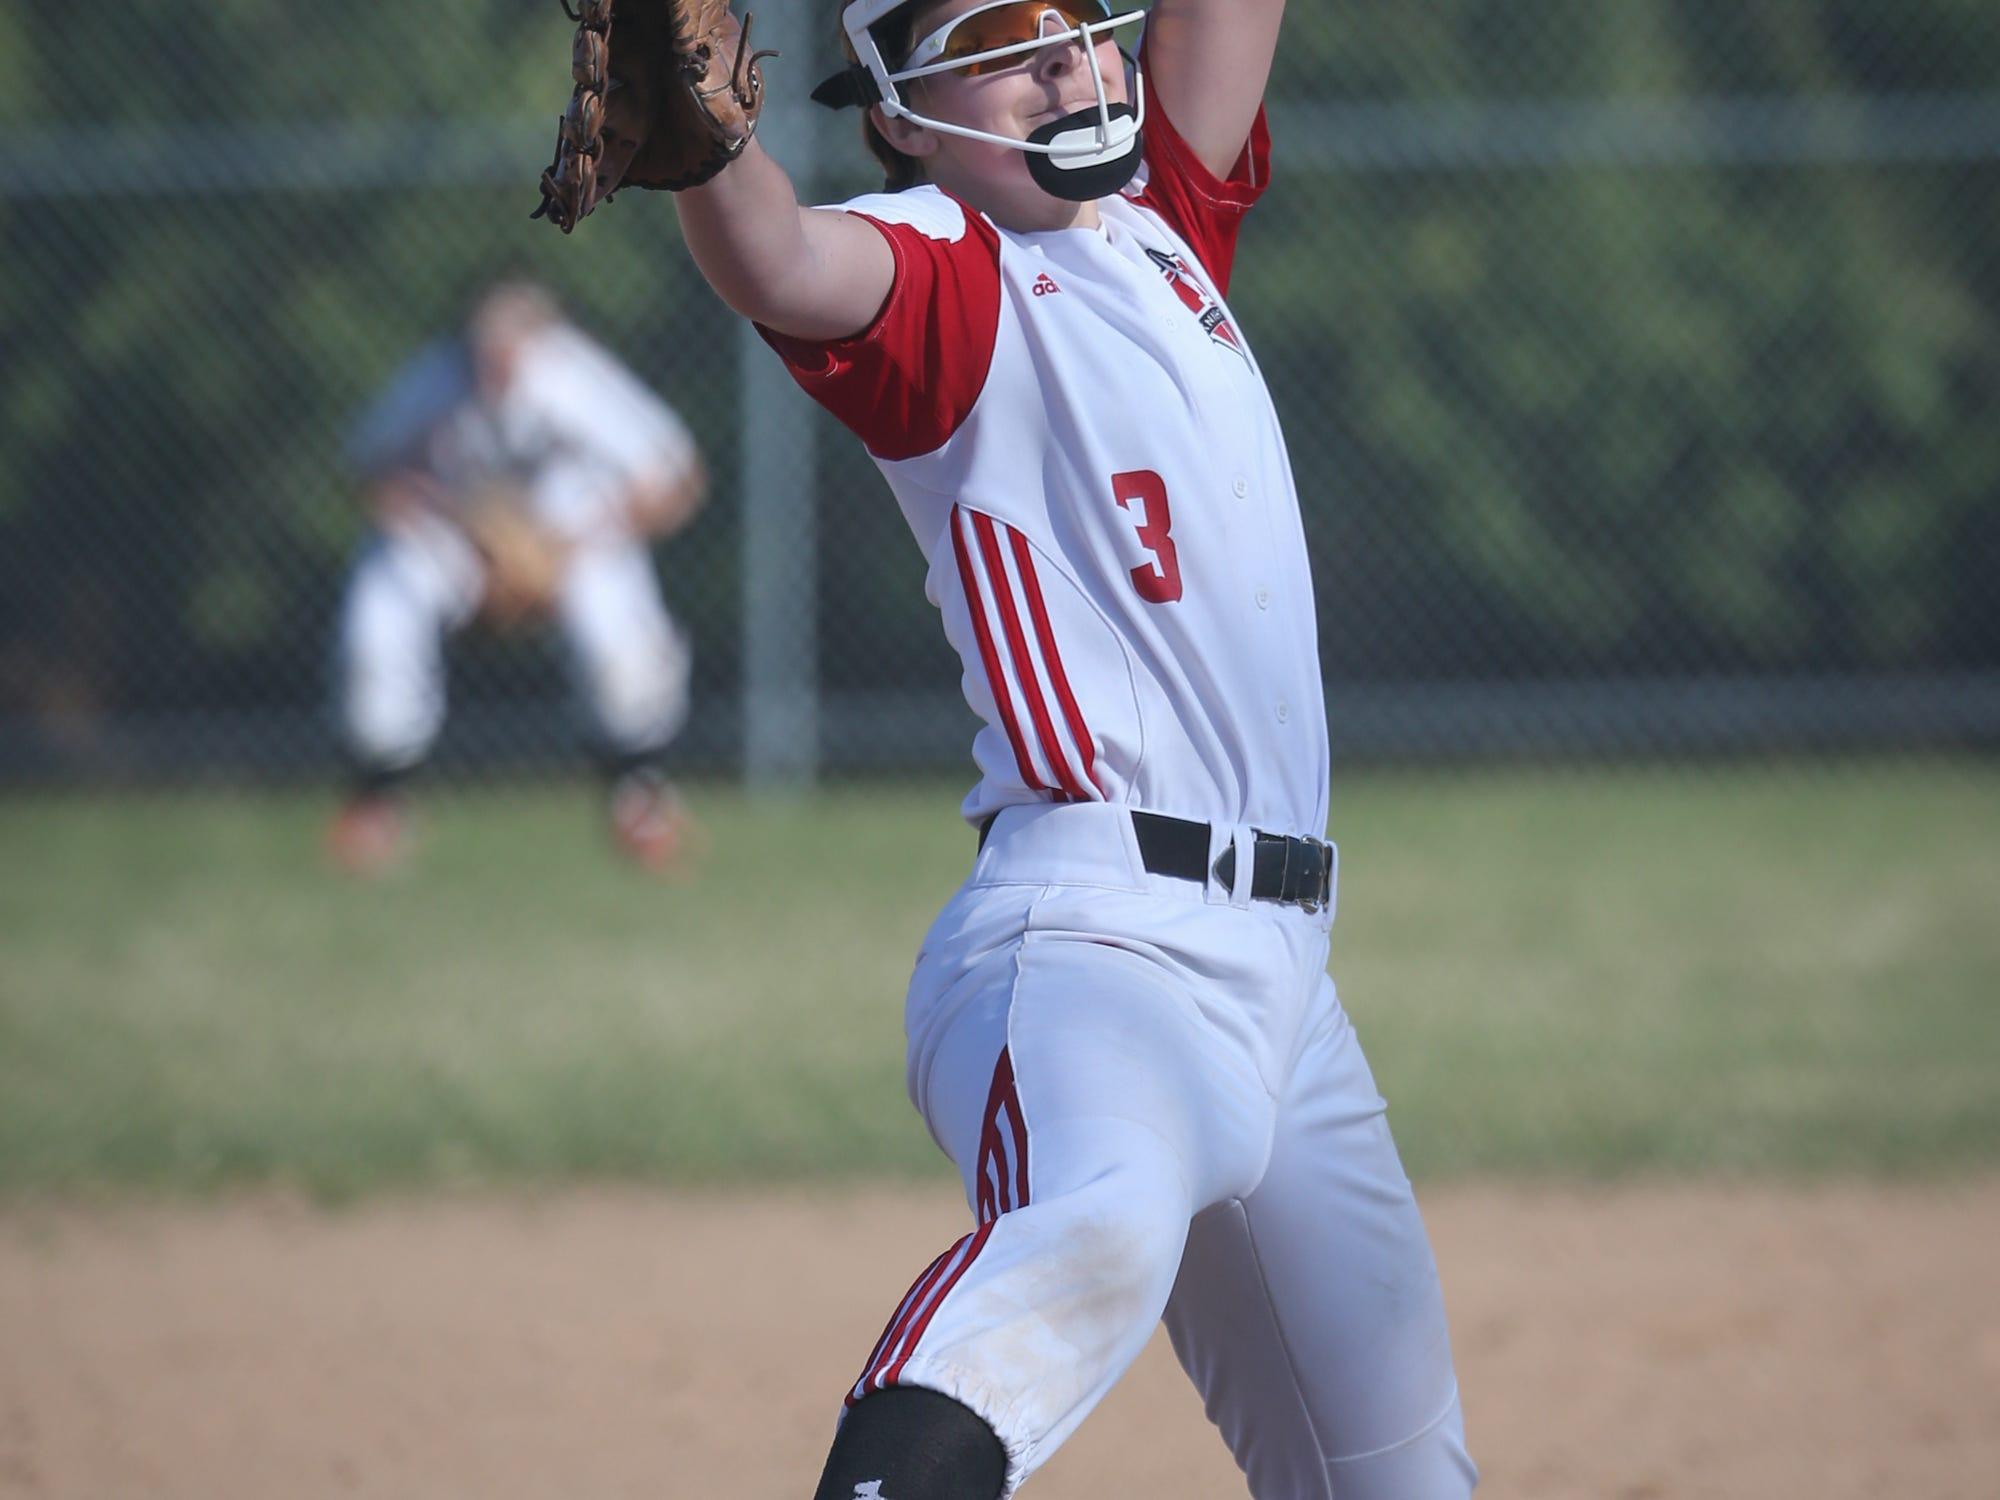 Lourdes pitcher Lauren Schiek (3) winds up for a pitch Thursday against Pardeeville.